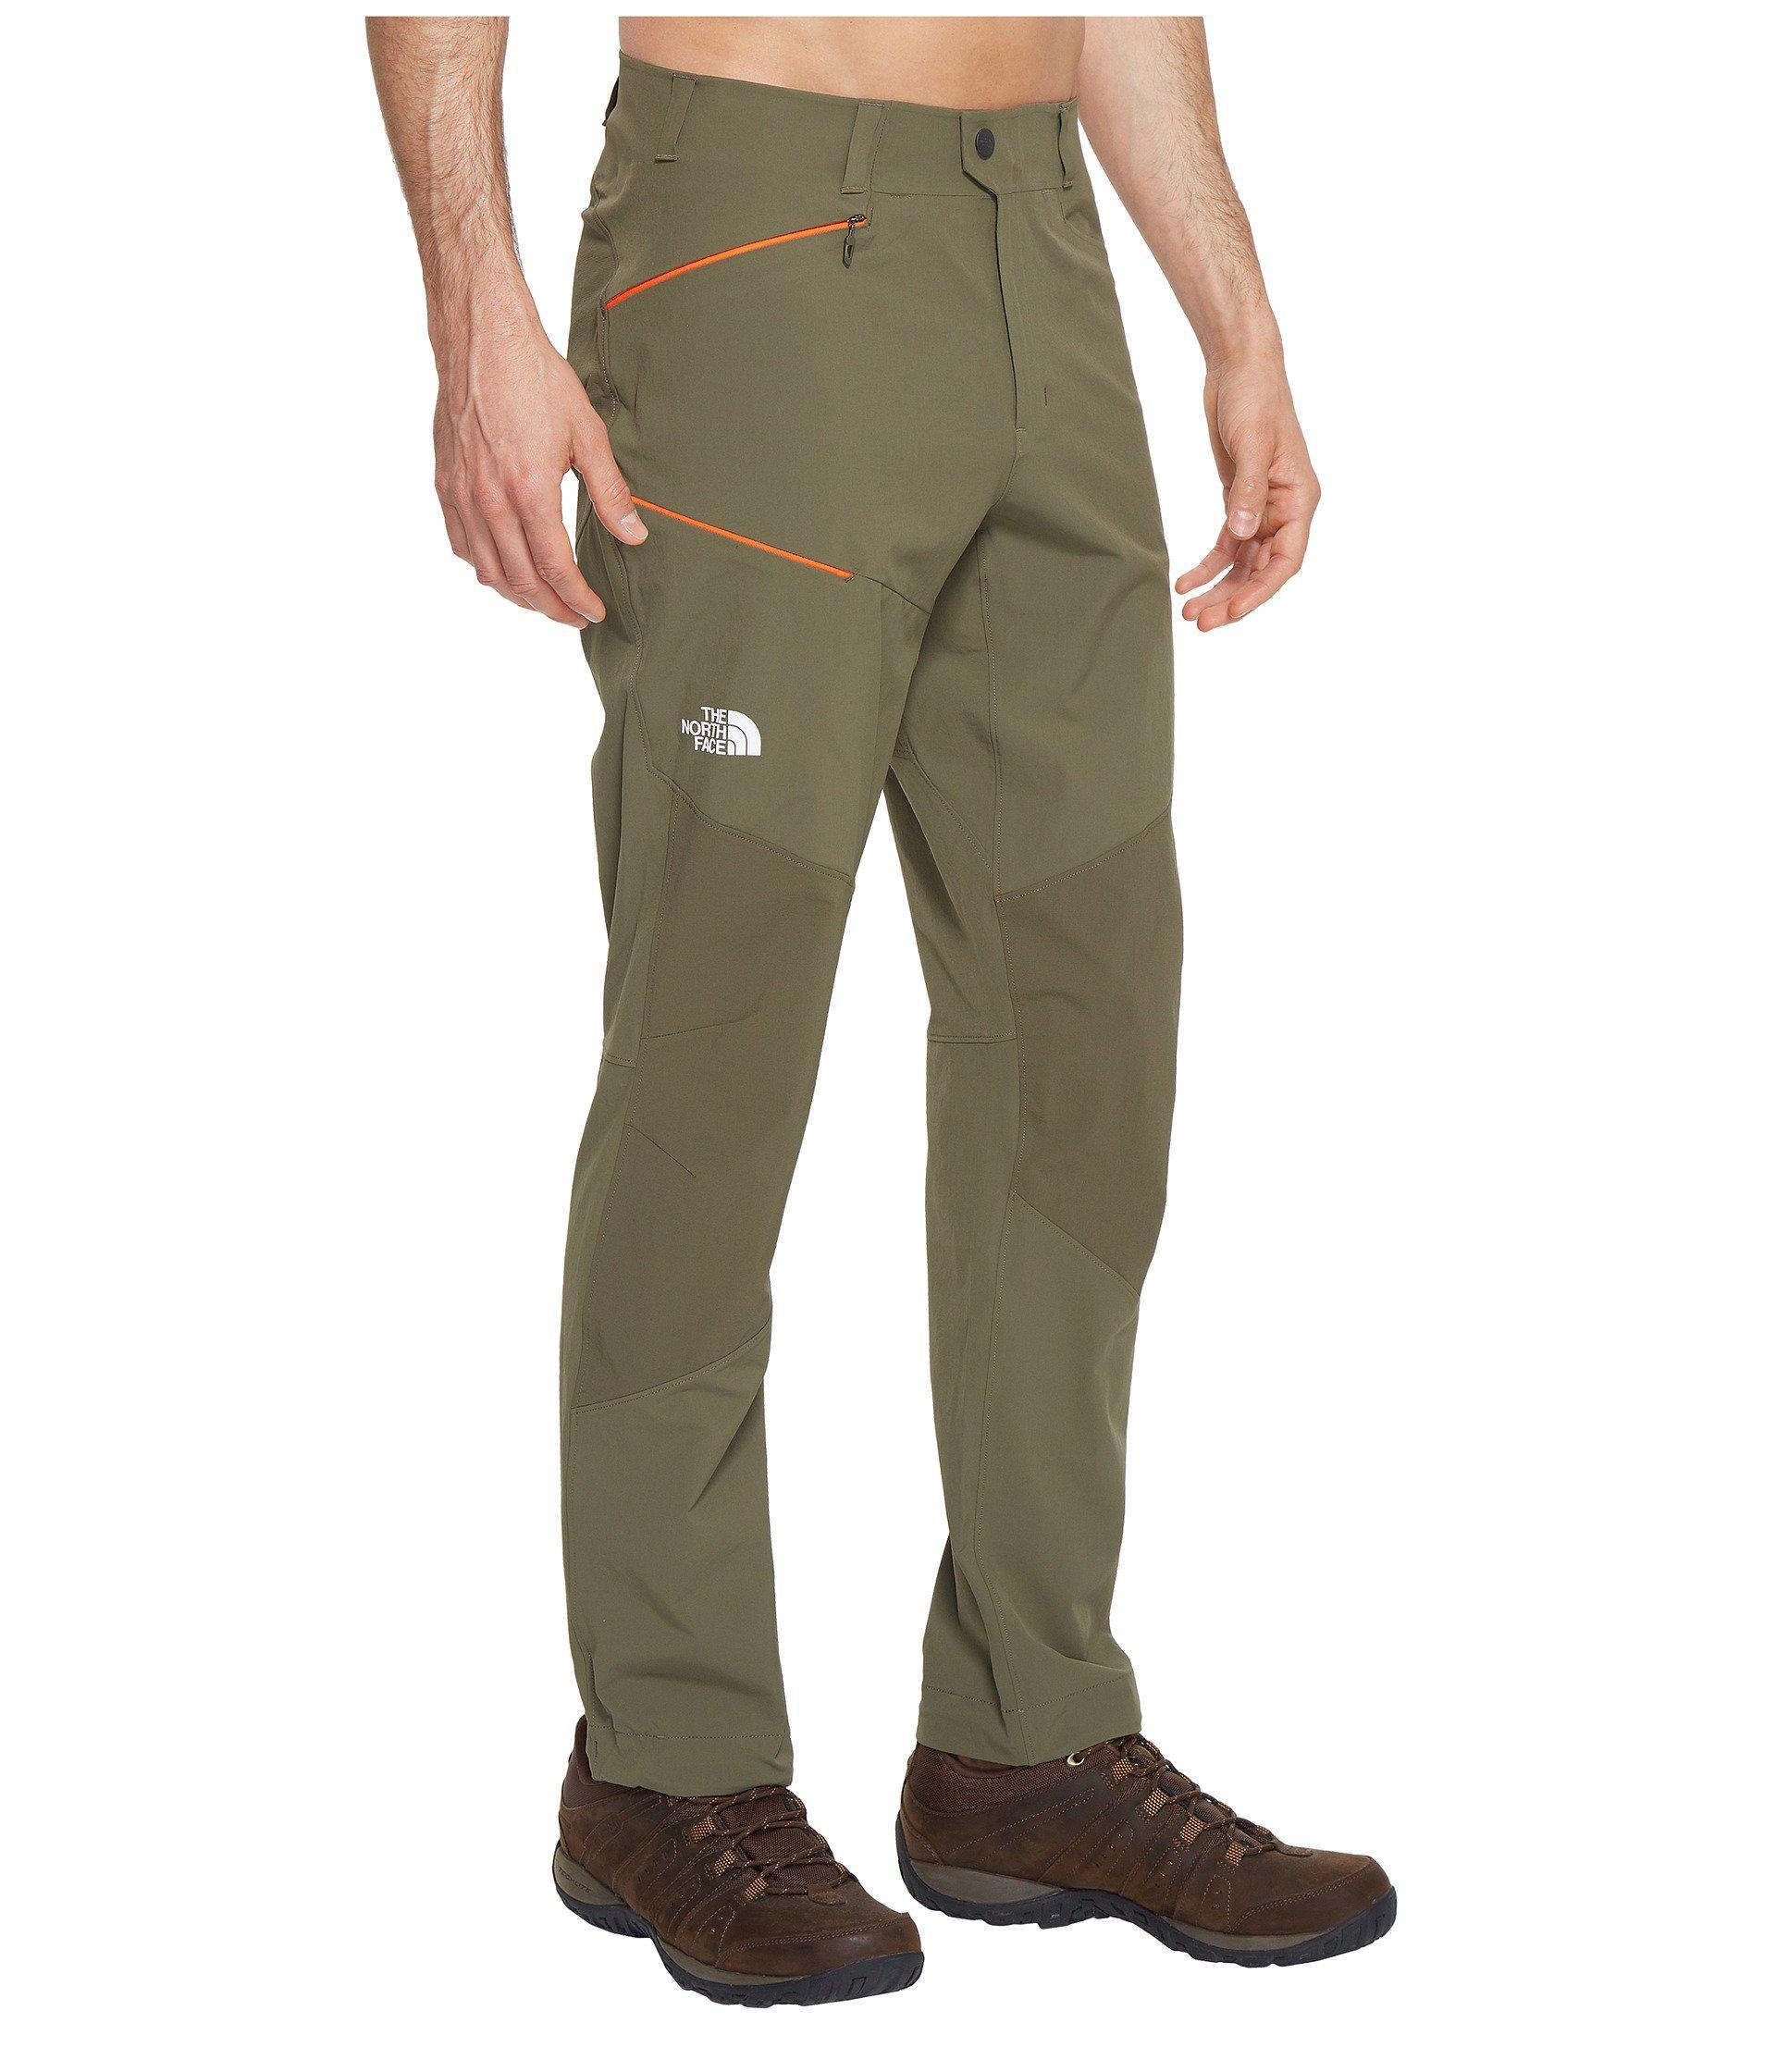 a17eb1d8e Men's Green Progressor Pants